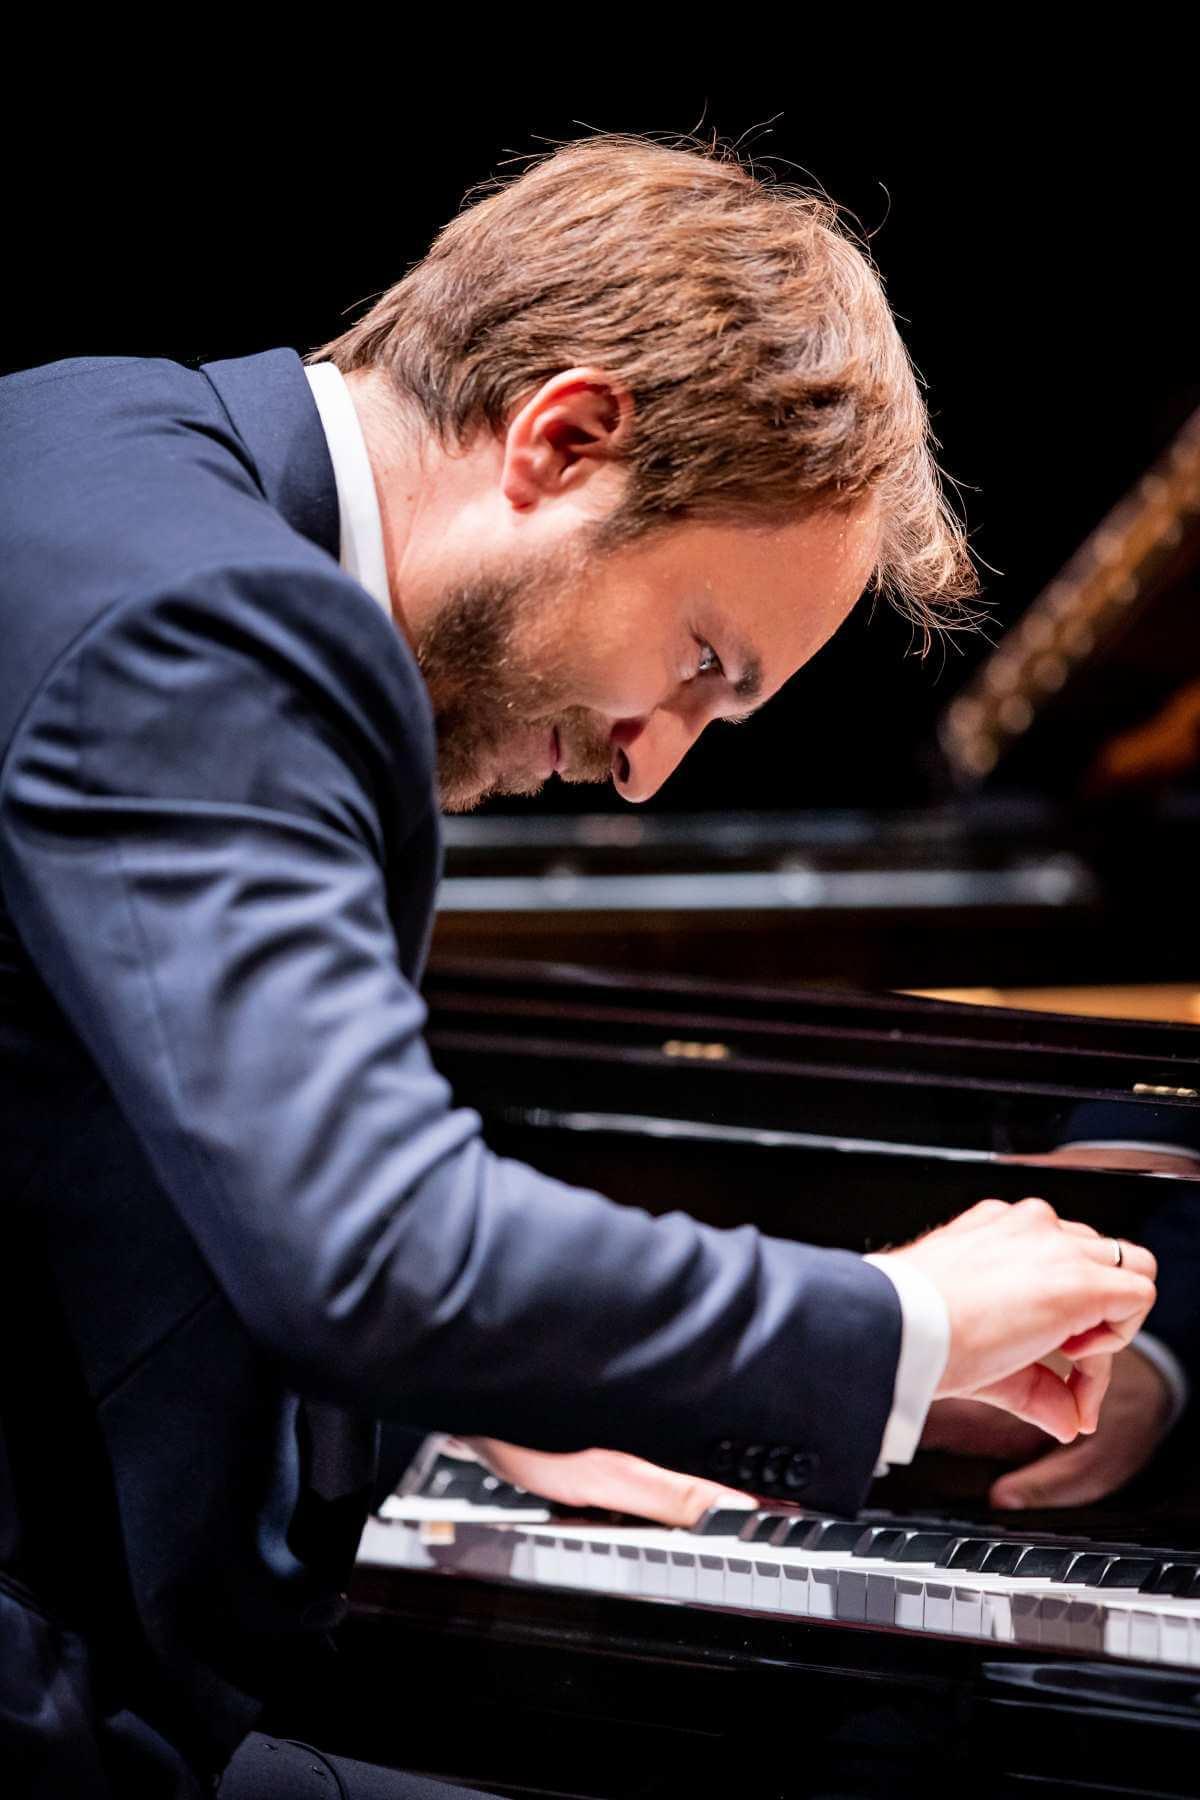 Herbert Schuch en récital à la Virée classique OSM 2019. (Photo: Antoine Saito)